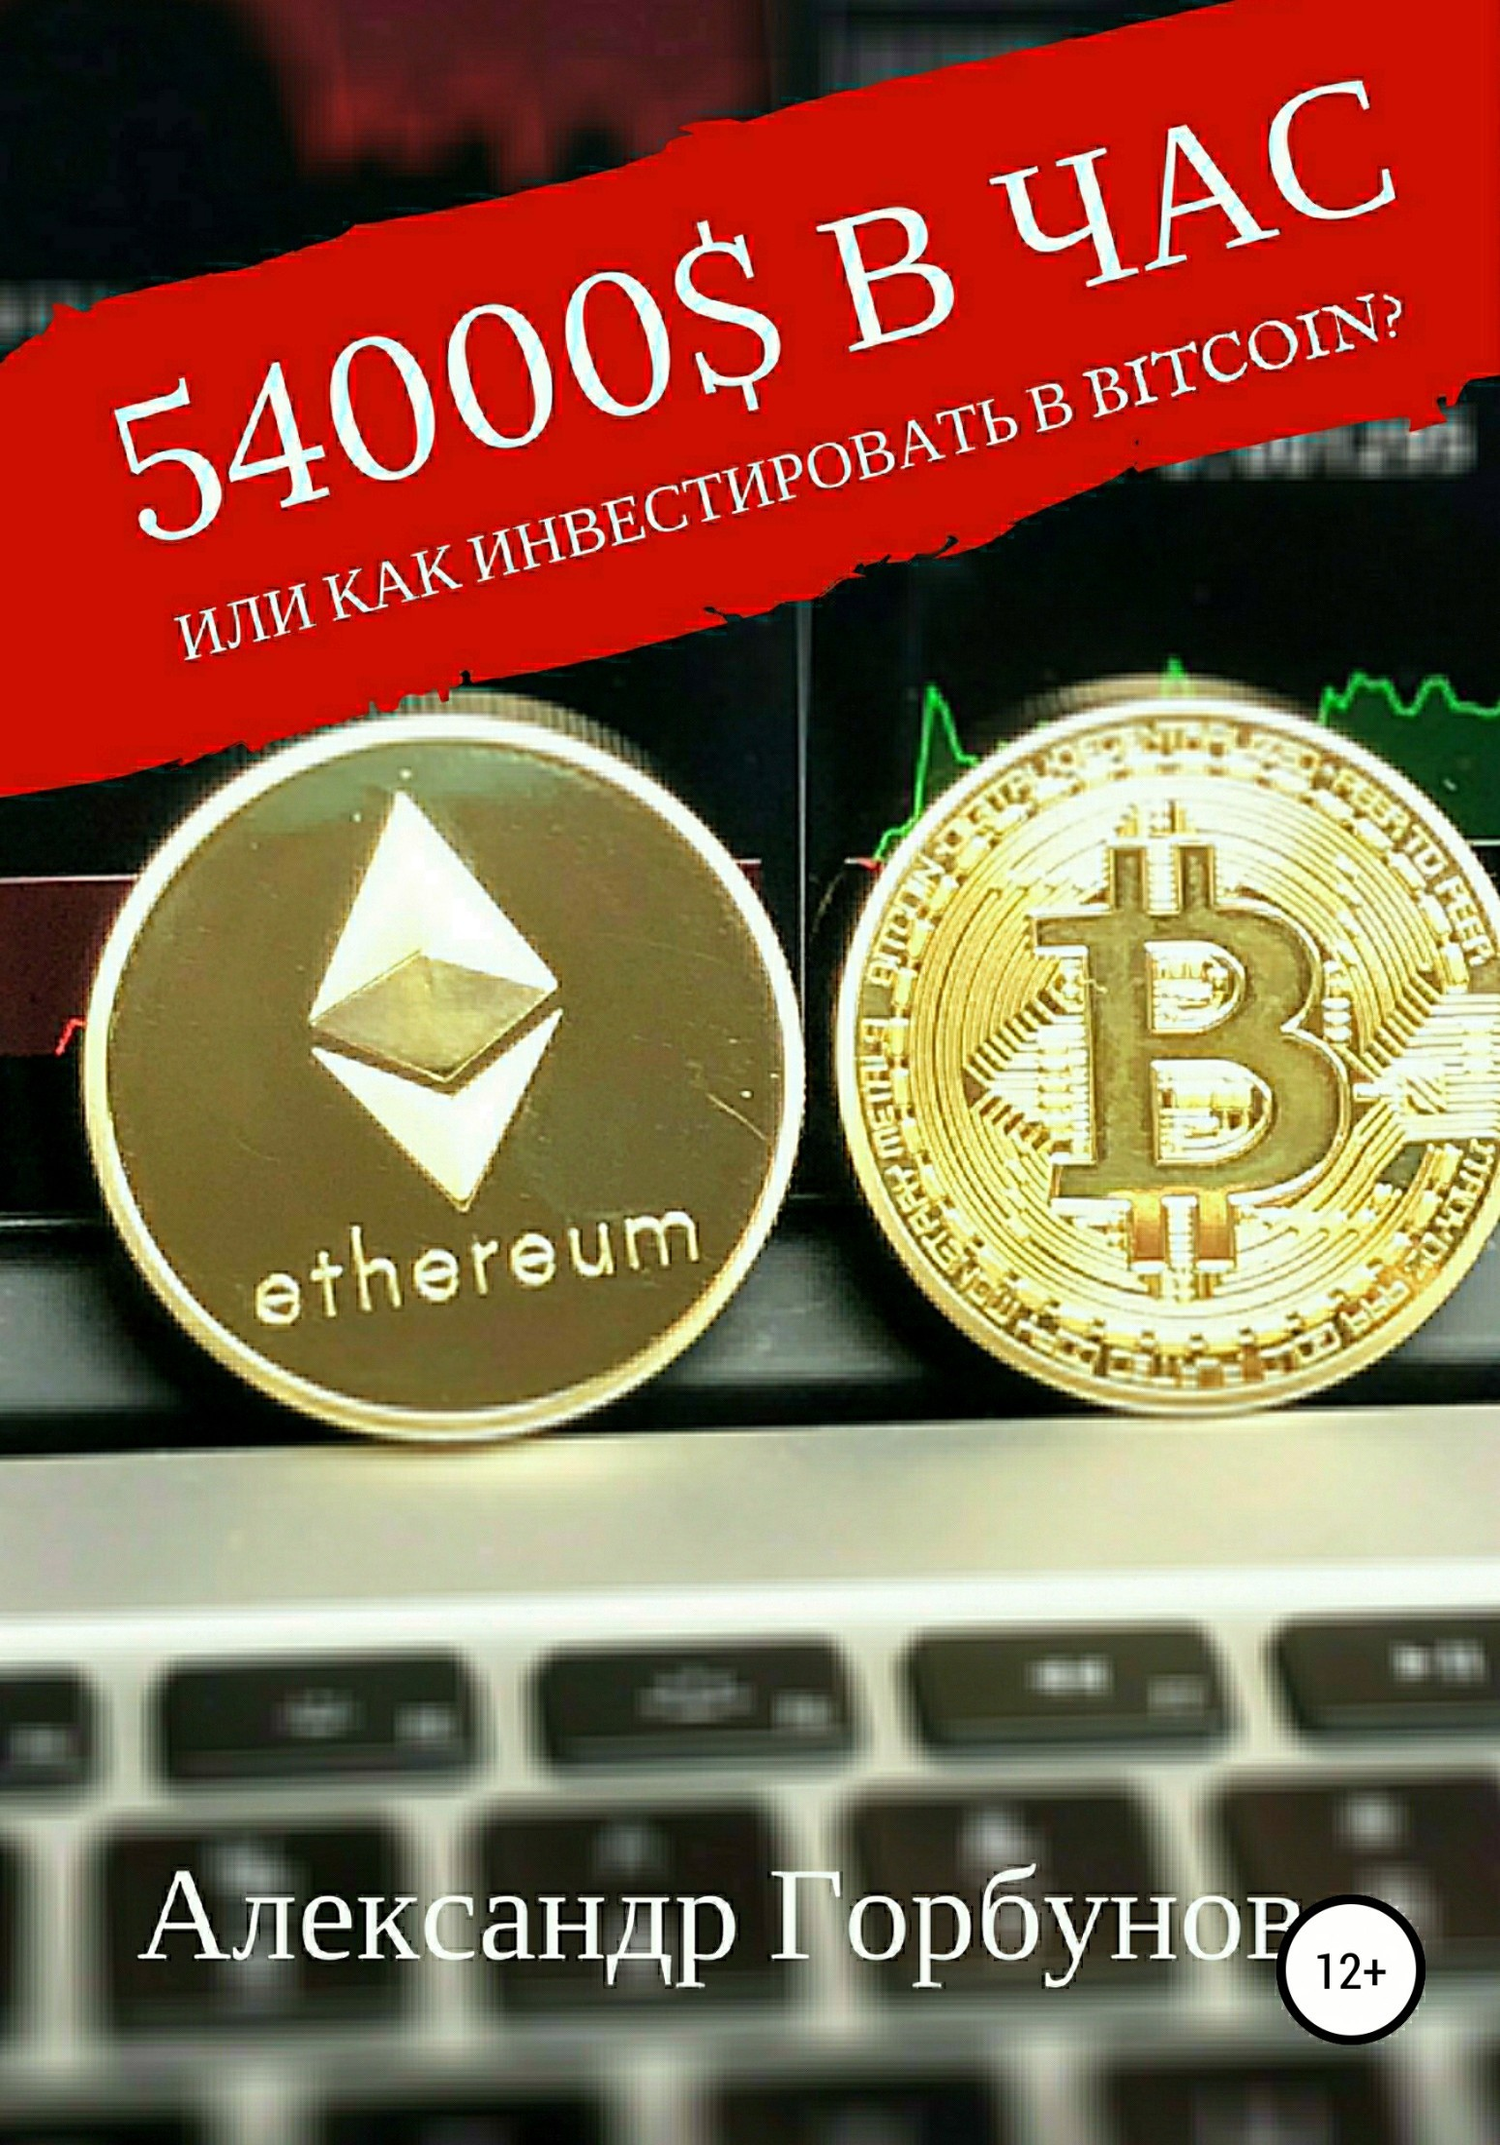 фото обложки издания 54000$ в час или как инвестировать в Bitcoin?